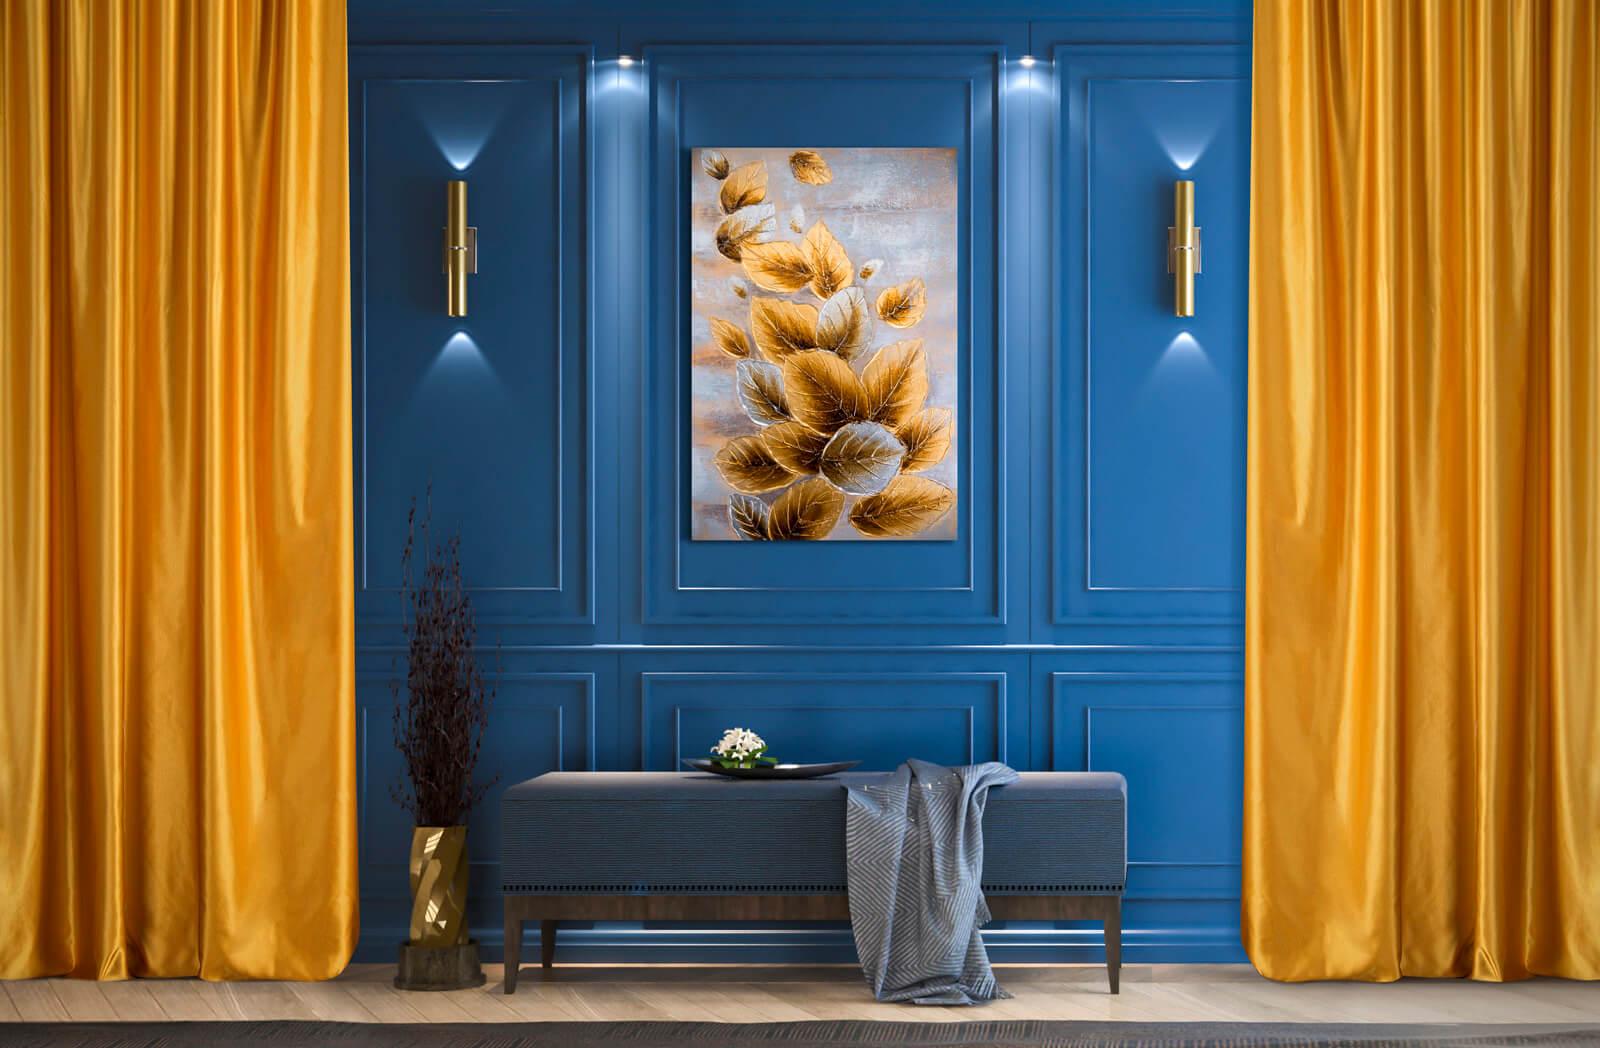 Aranżacja wnętrza – jaki kolor pasuje do niebieskiego?